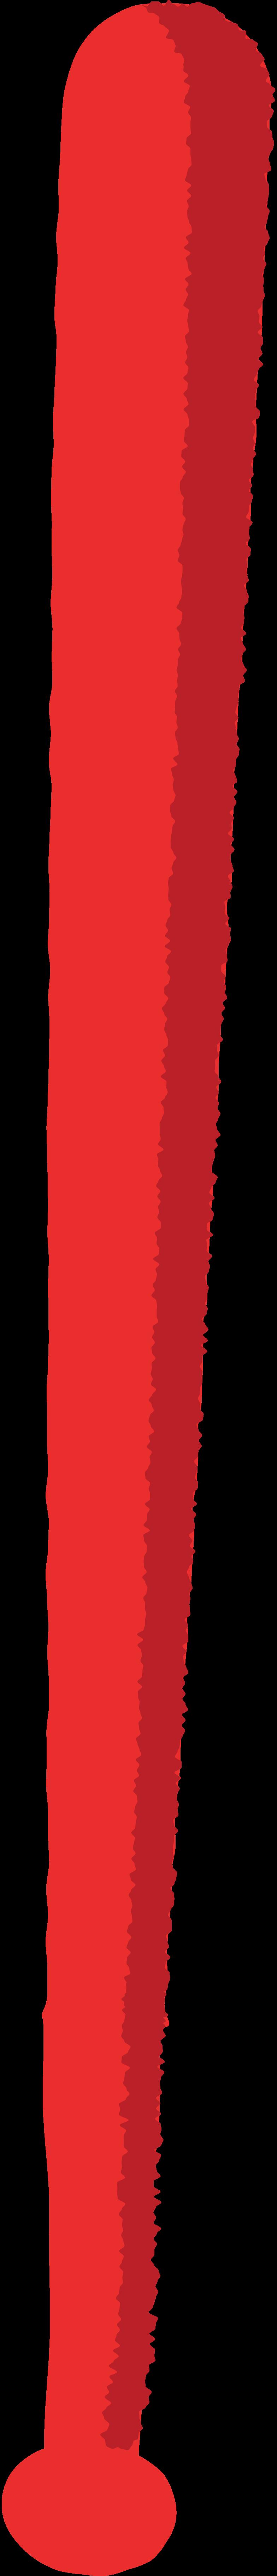 baseball-bat Clipart illustration in PNG, SVG